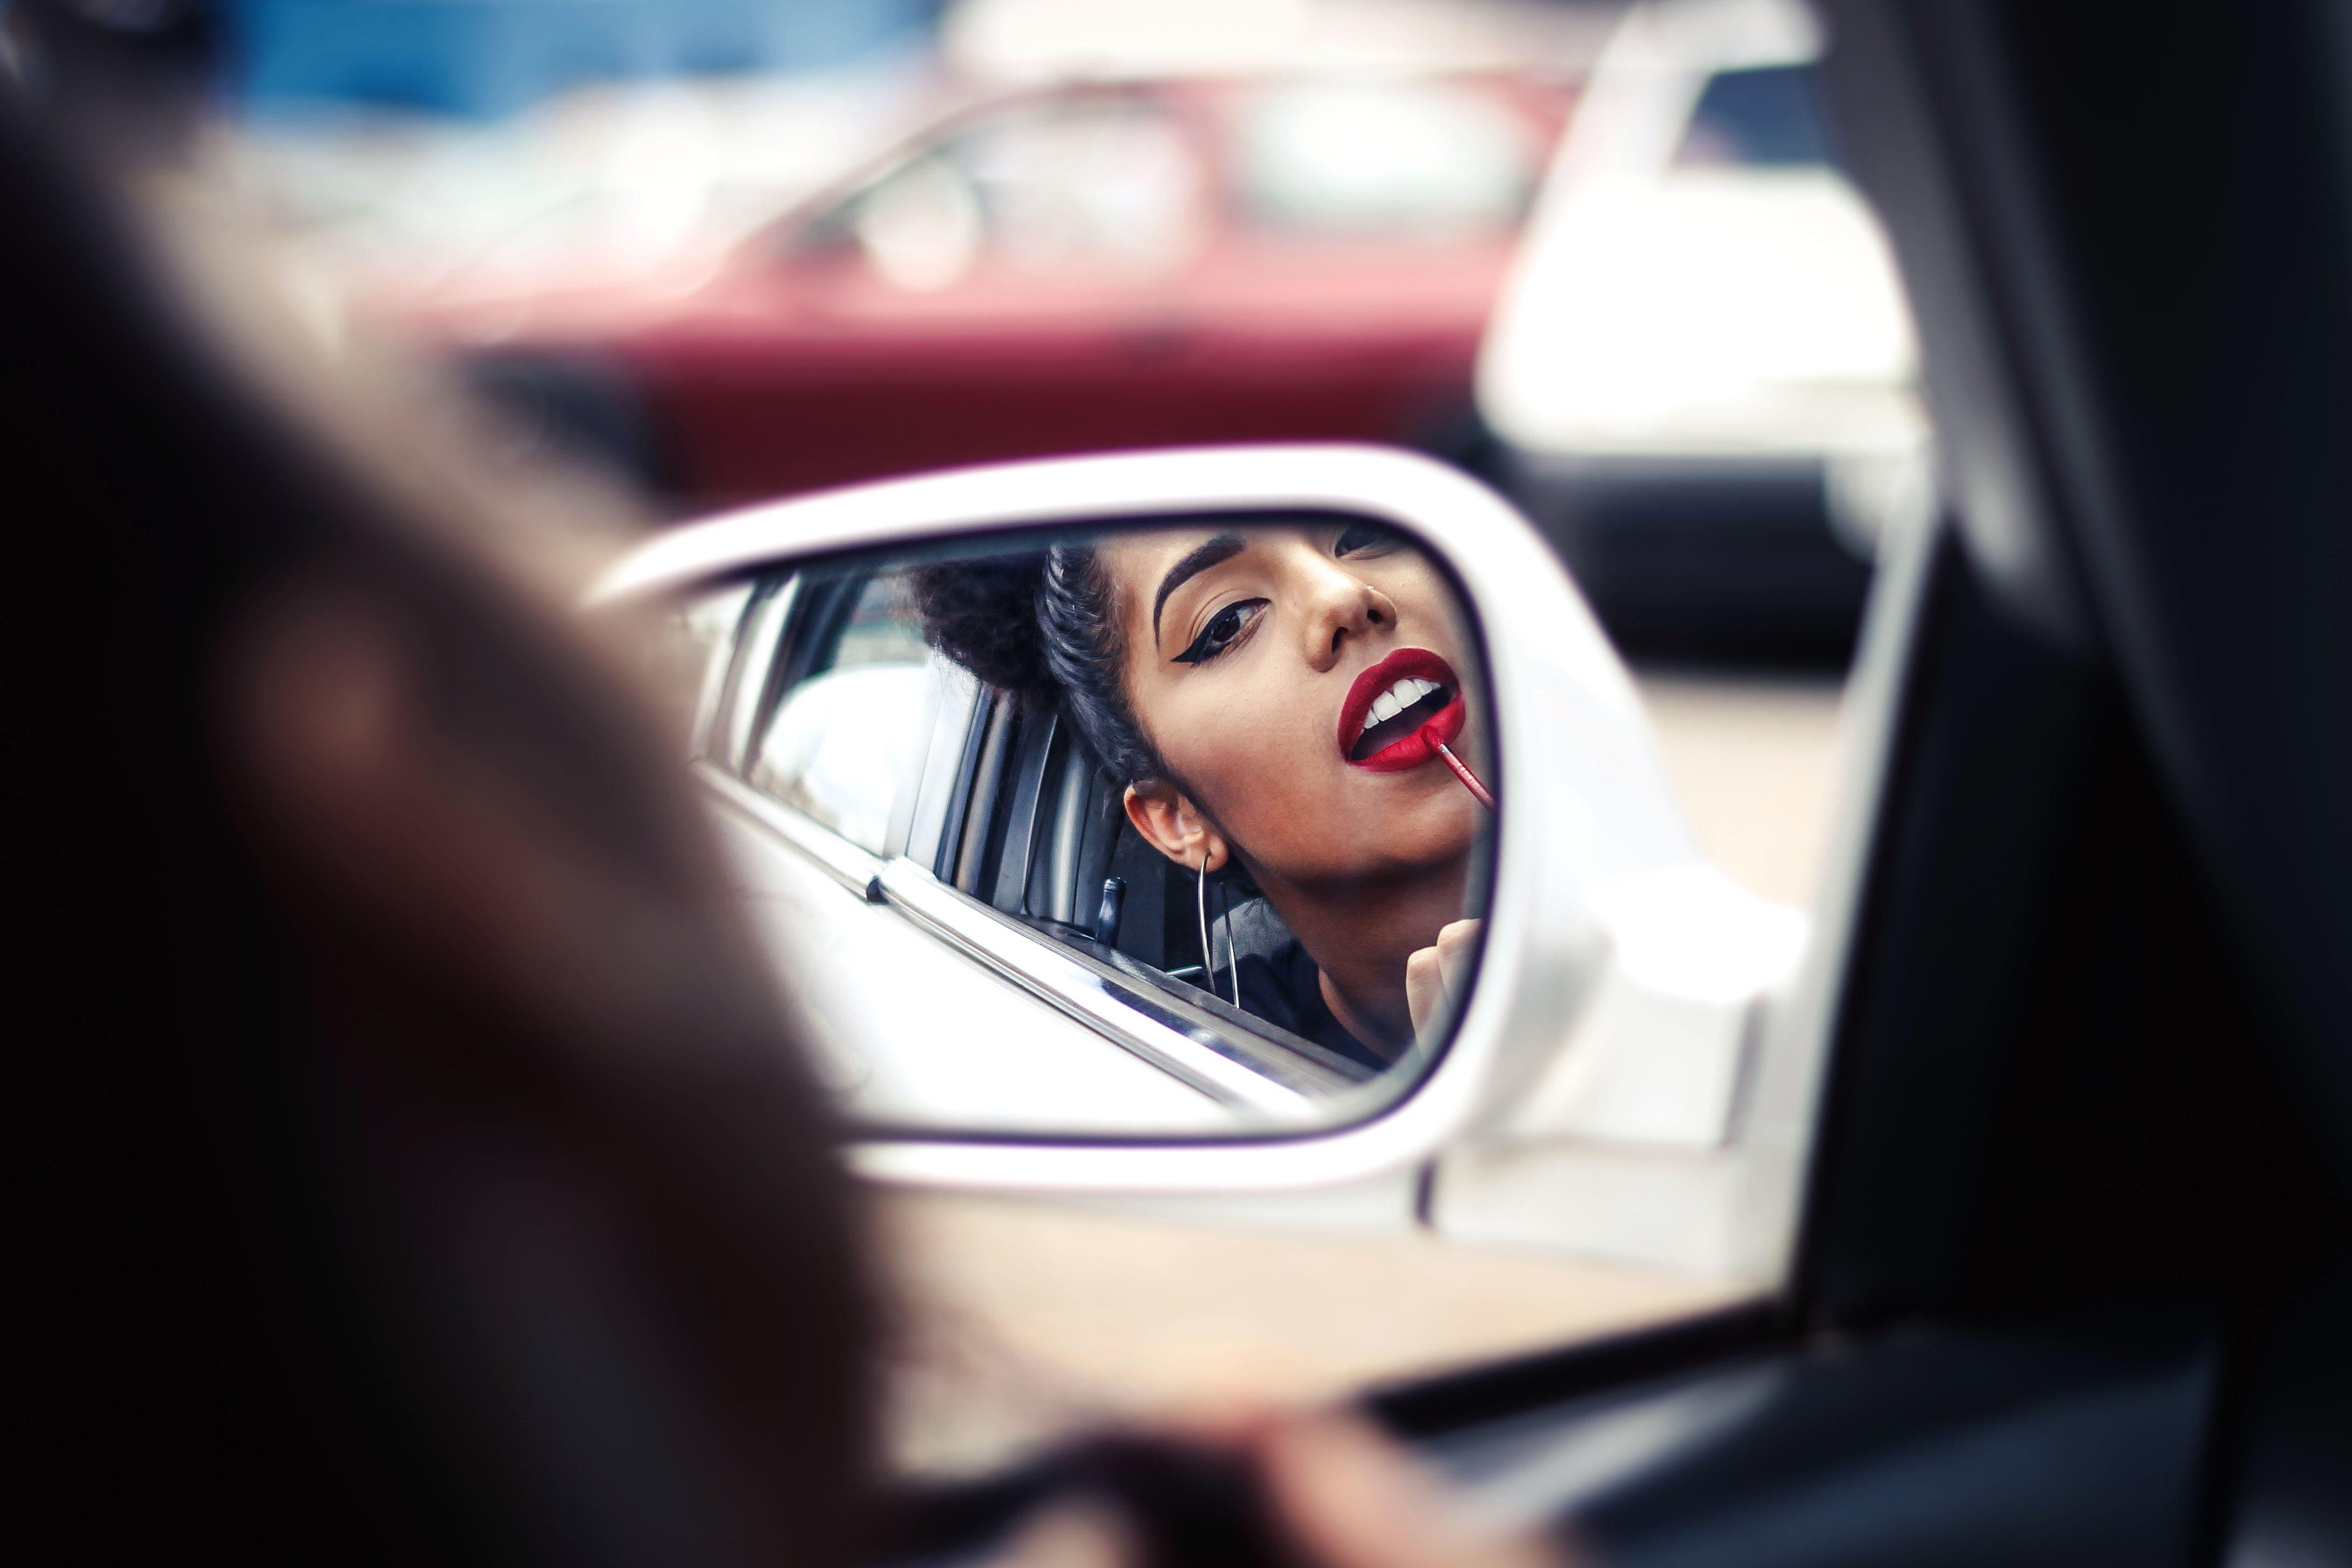 Distracted Driving: Men vs. Women